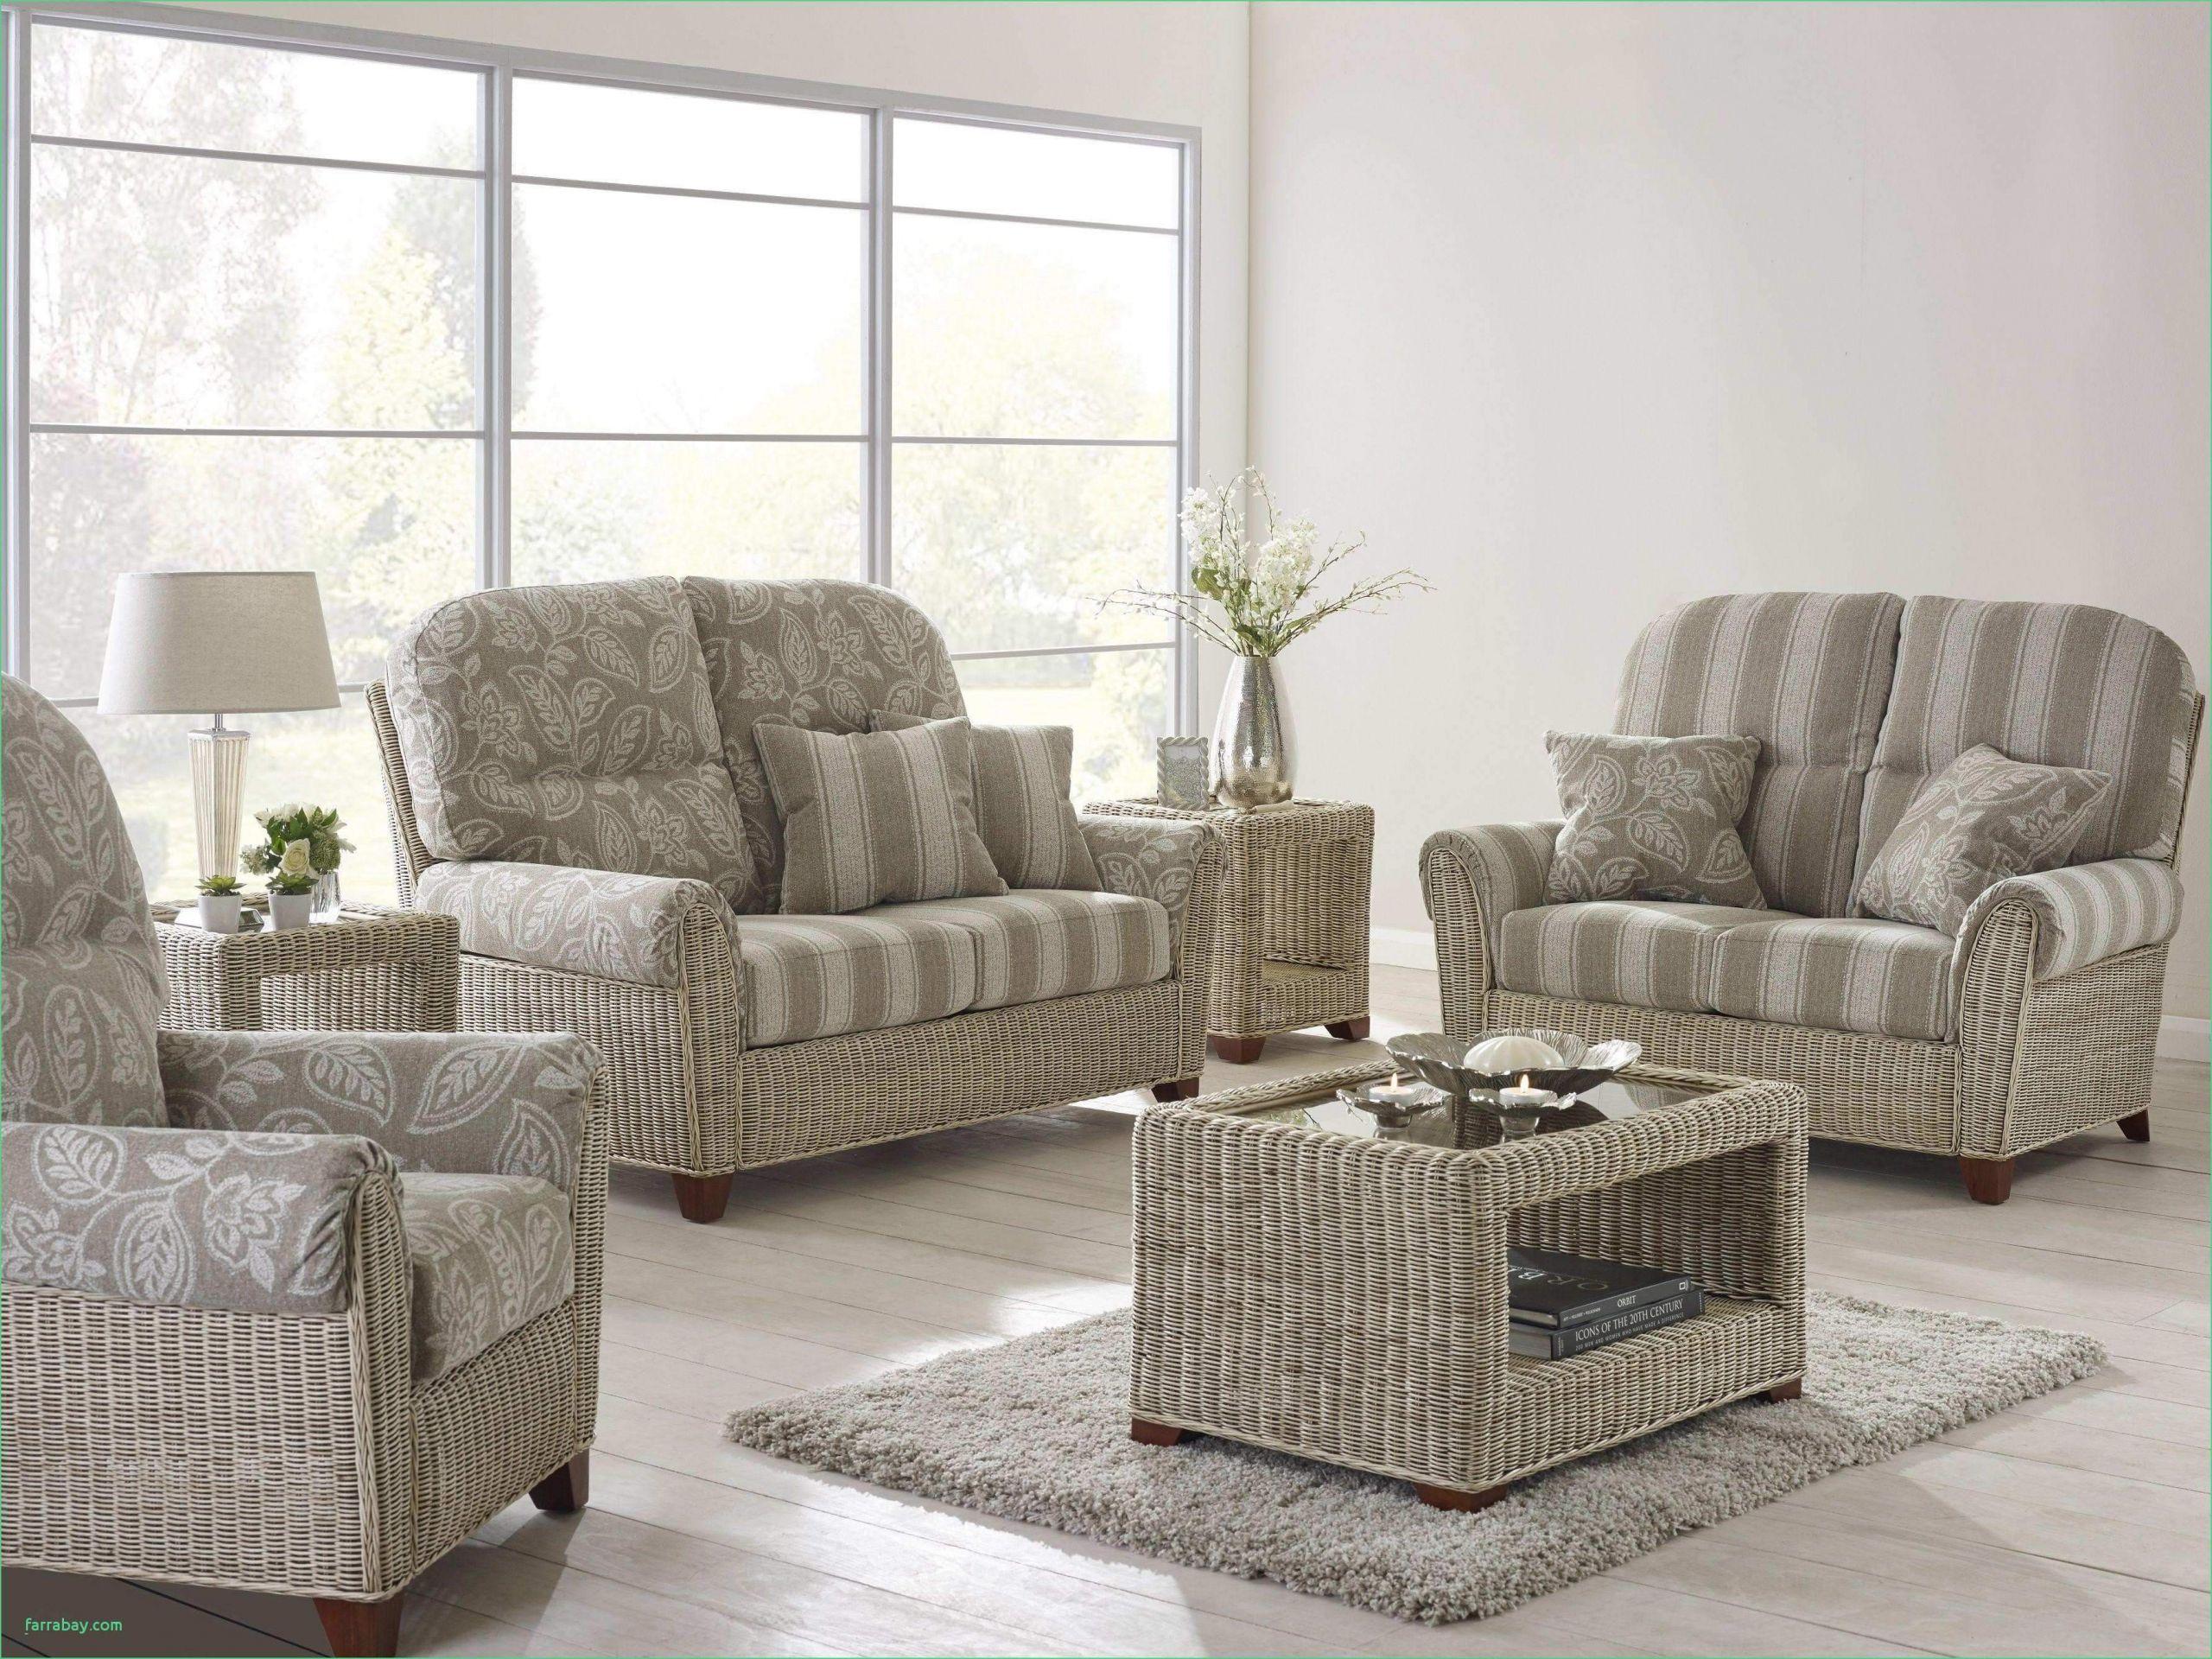 2 er sofa luxus unique garden furniture hanging chairbest garden furniture of 2 er sofa